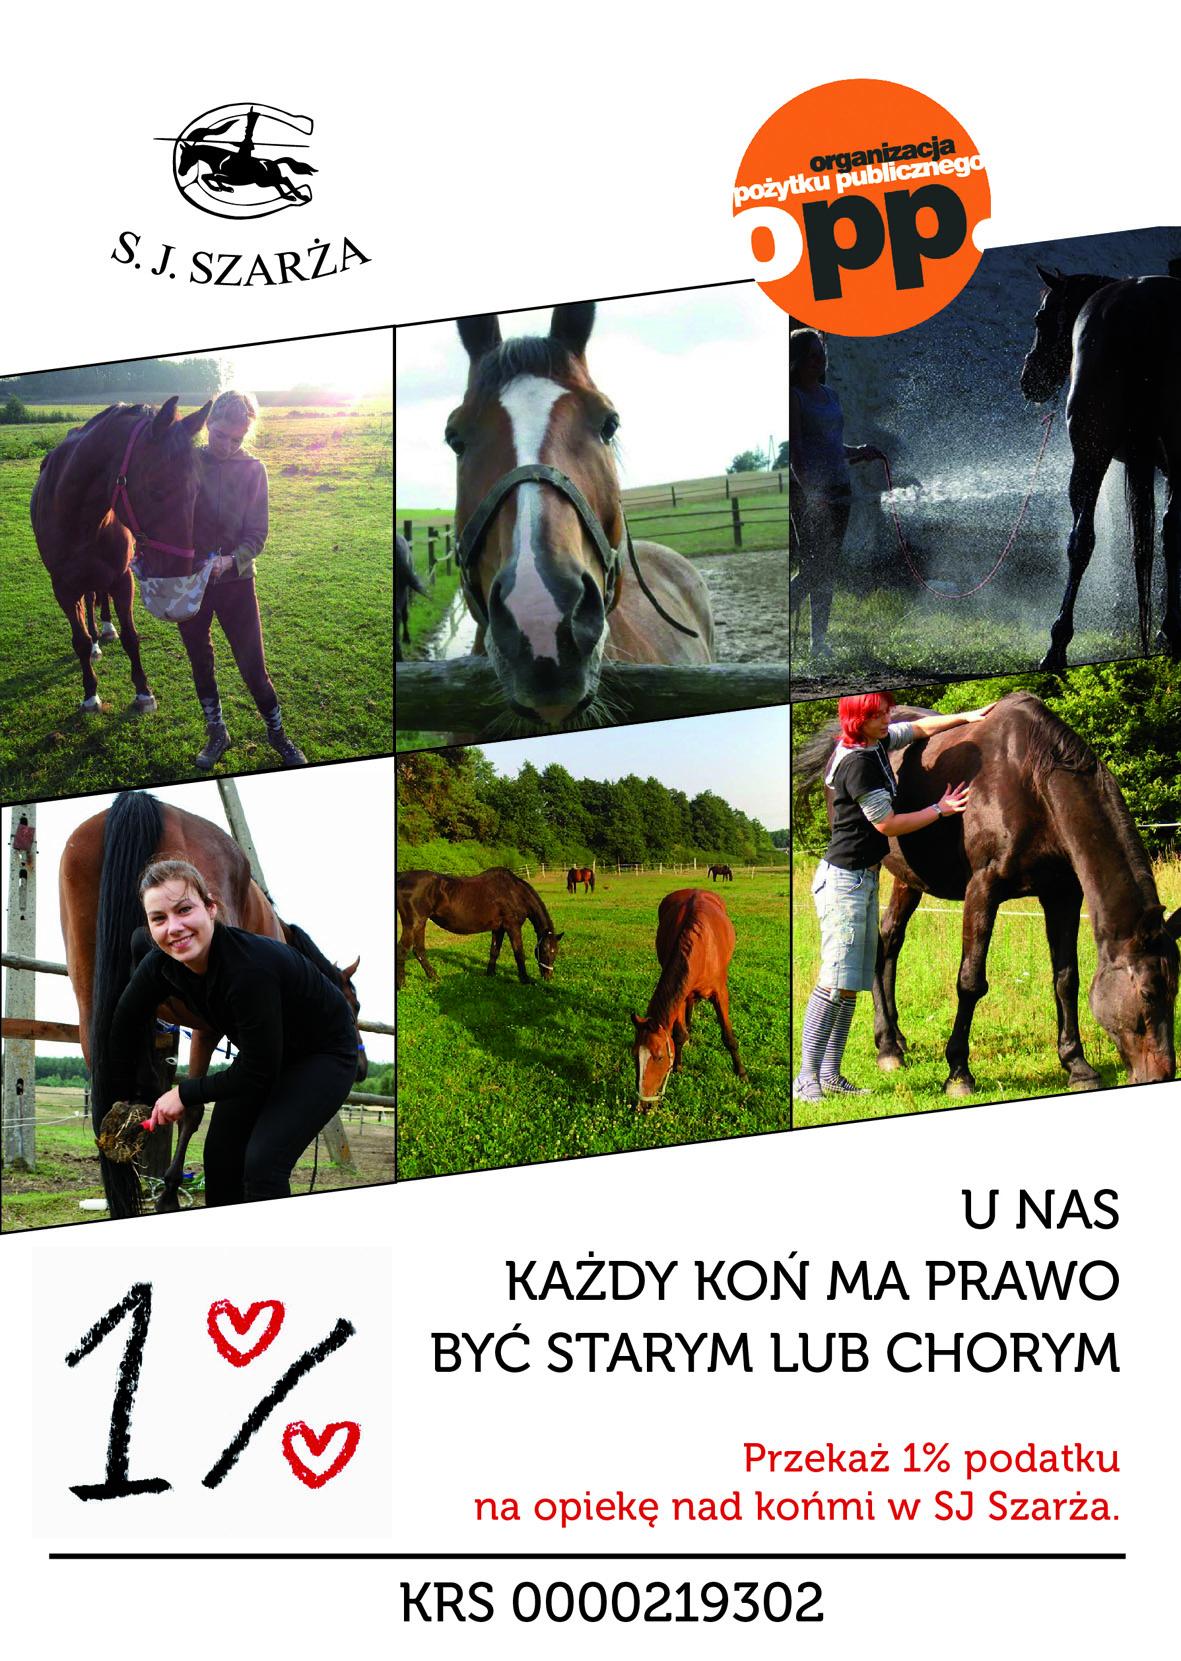 Każdy koń ma prawo na leczenie oraz emeryturę